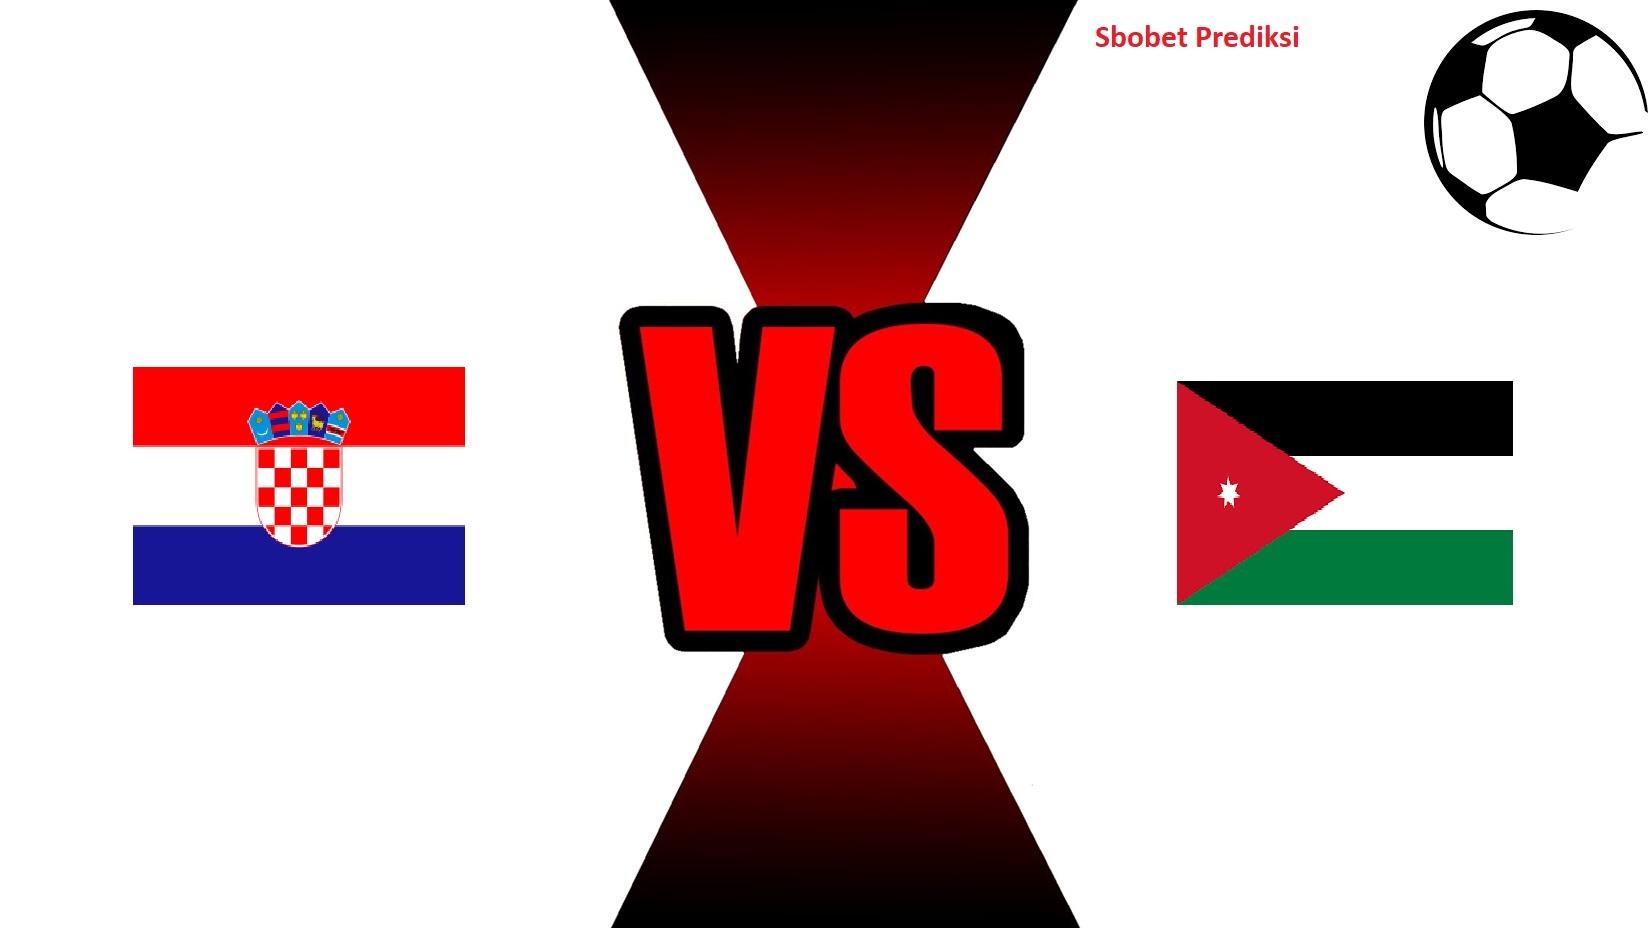 Prediksi Skor Pertandingan Kroasia Vs Jordan 16 Oktober 2018